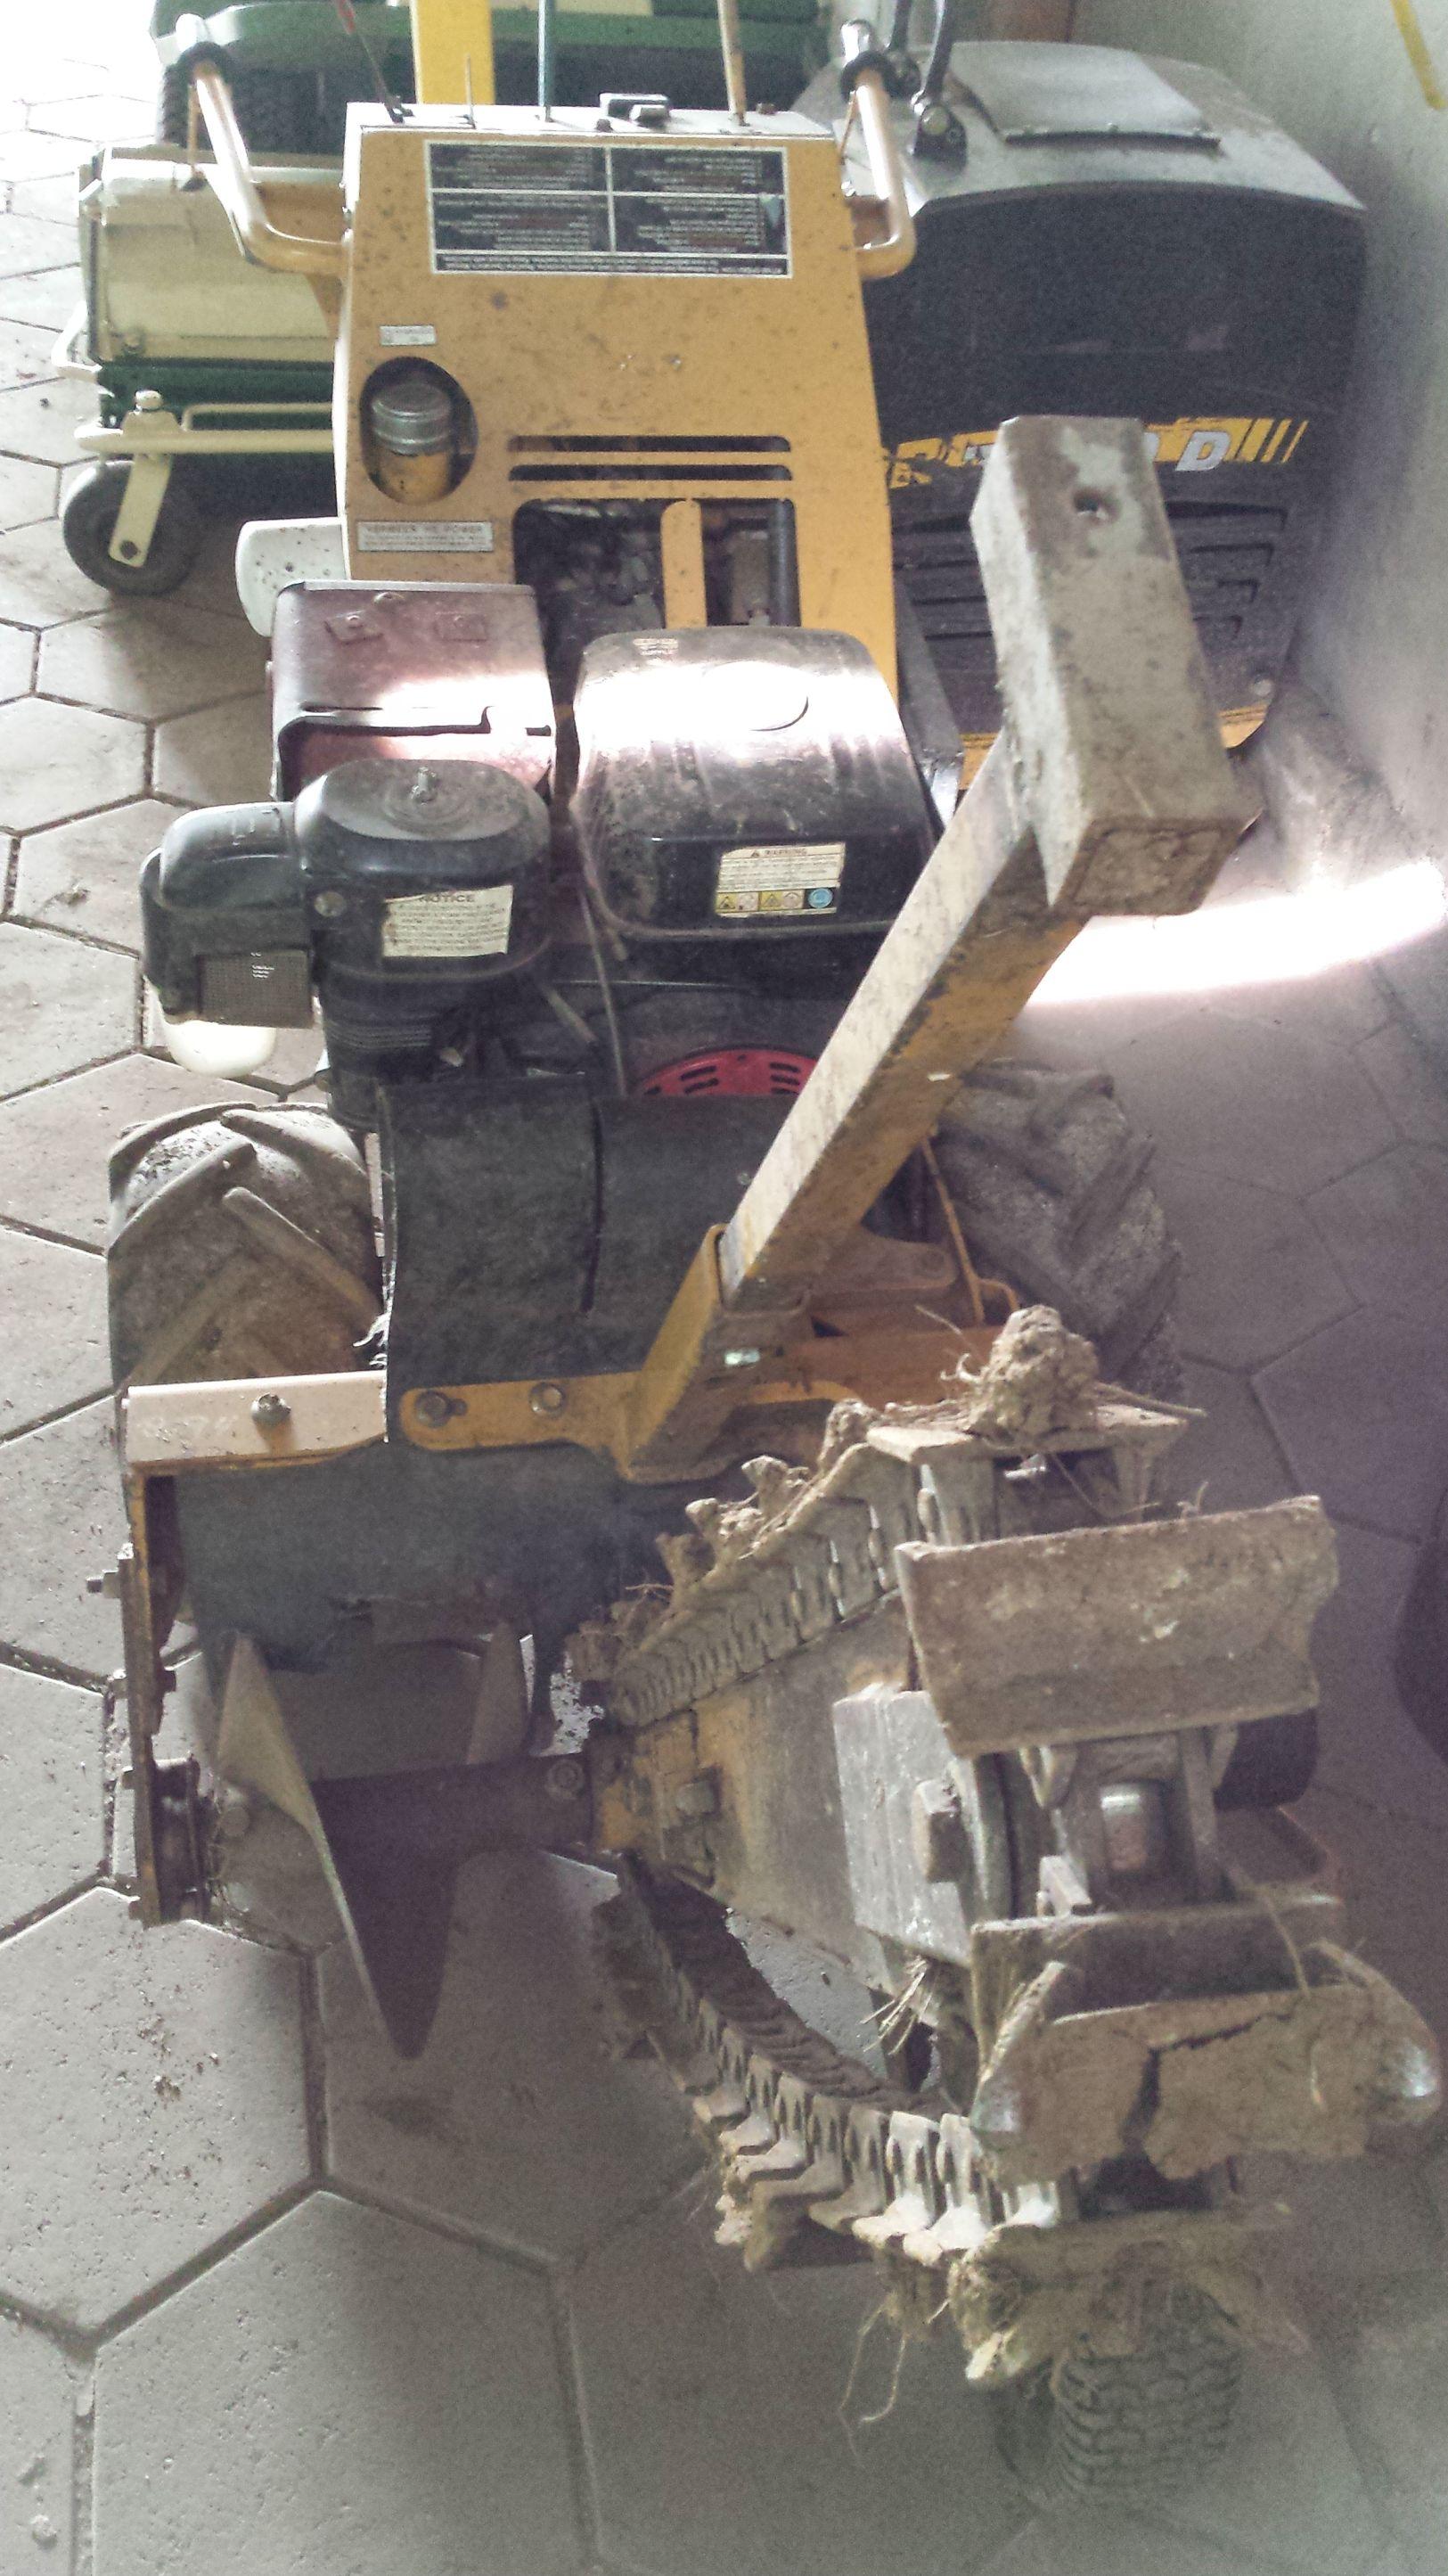 echipamente028